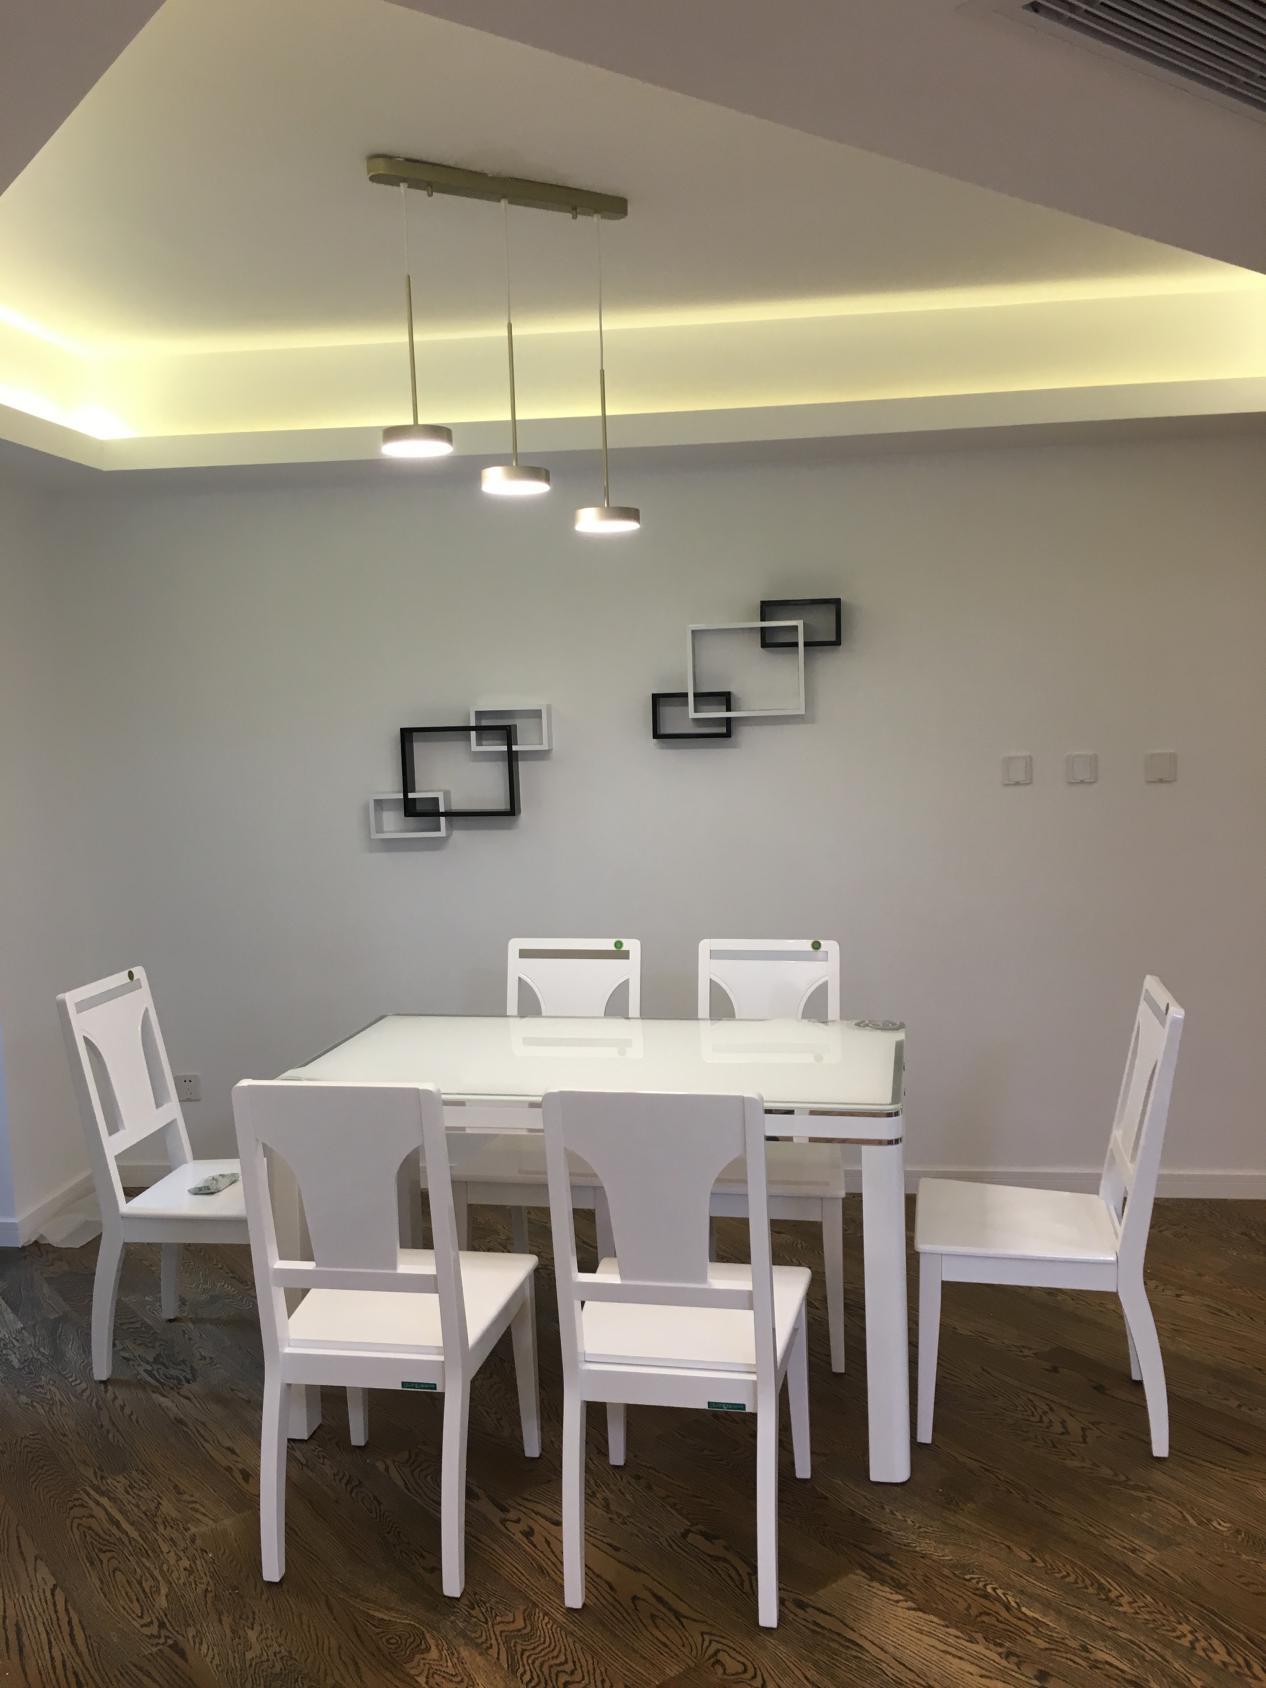 简单的餐厅里,这套纯白餐桌餐椅非常乍眼,在上方三盏吊灯的照射下,让原本昏暗的餐厅变得明亮。